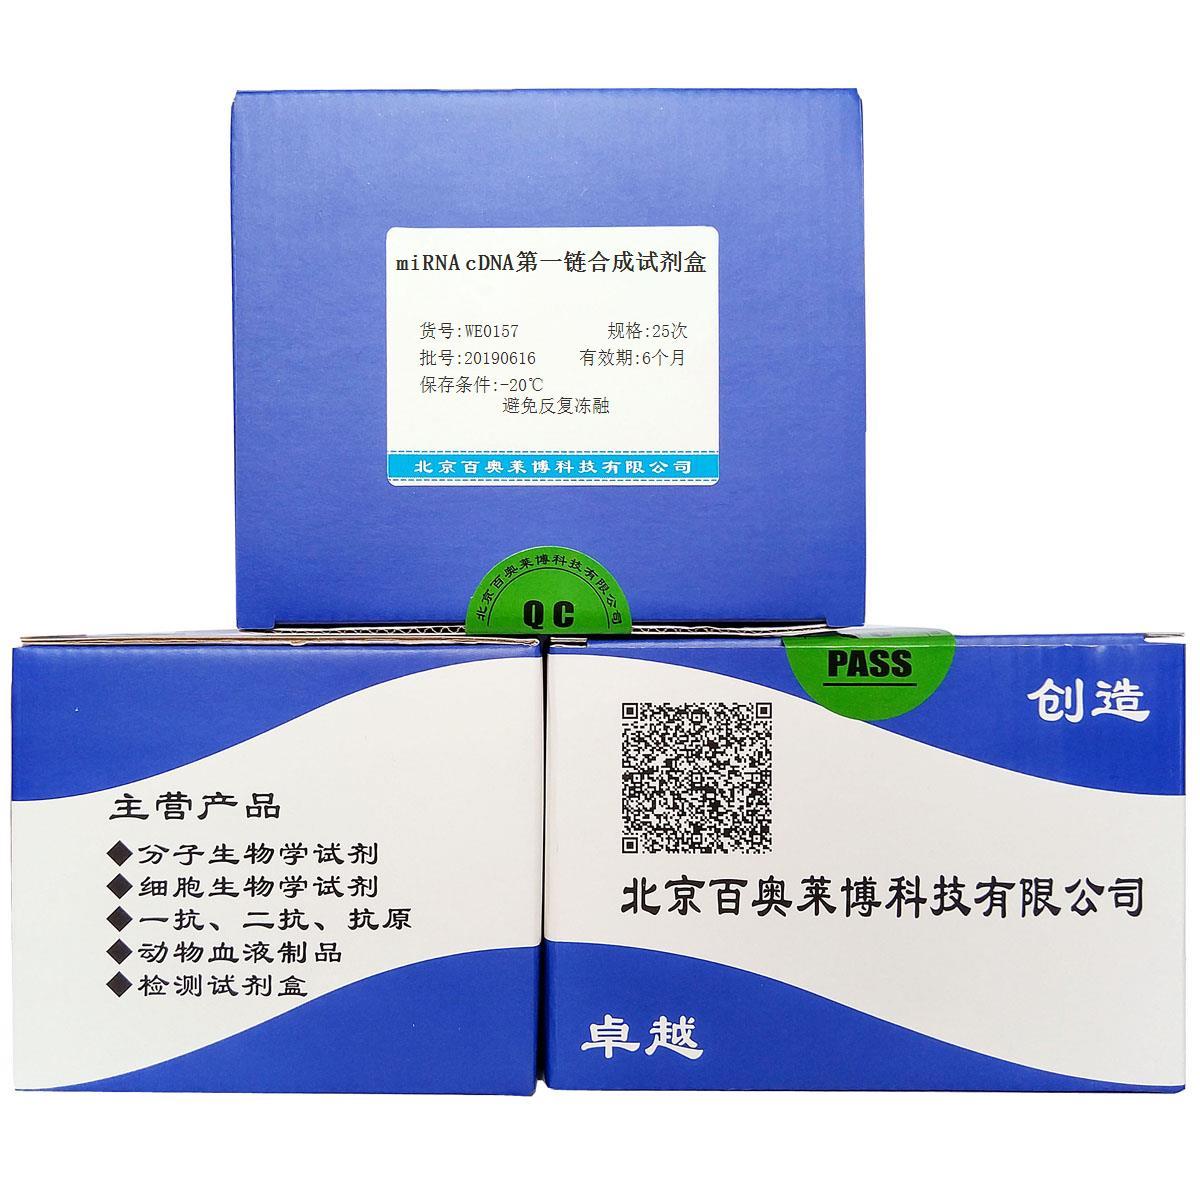 miRNA cDNA第一链合成试剂盒现货供应